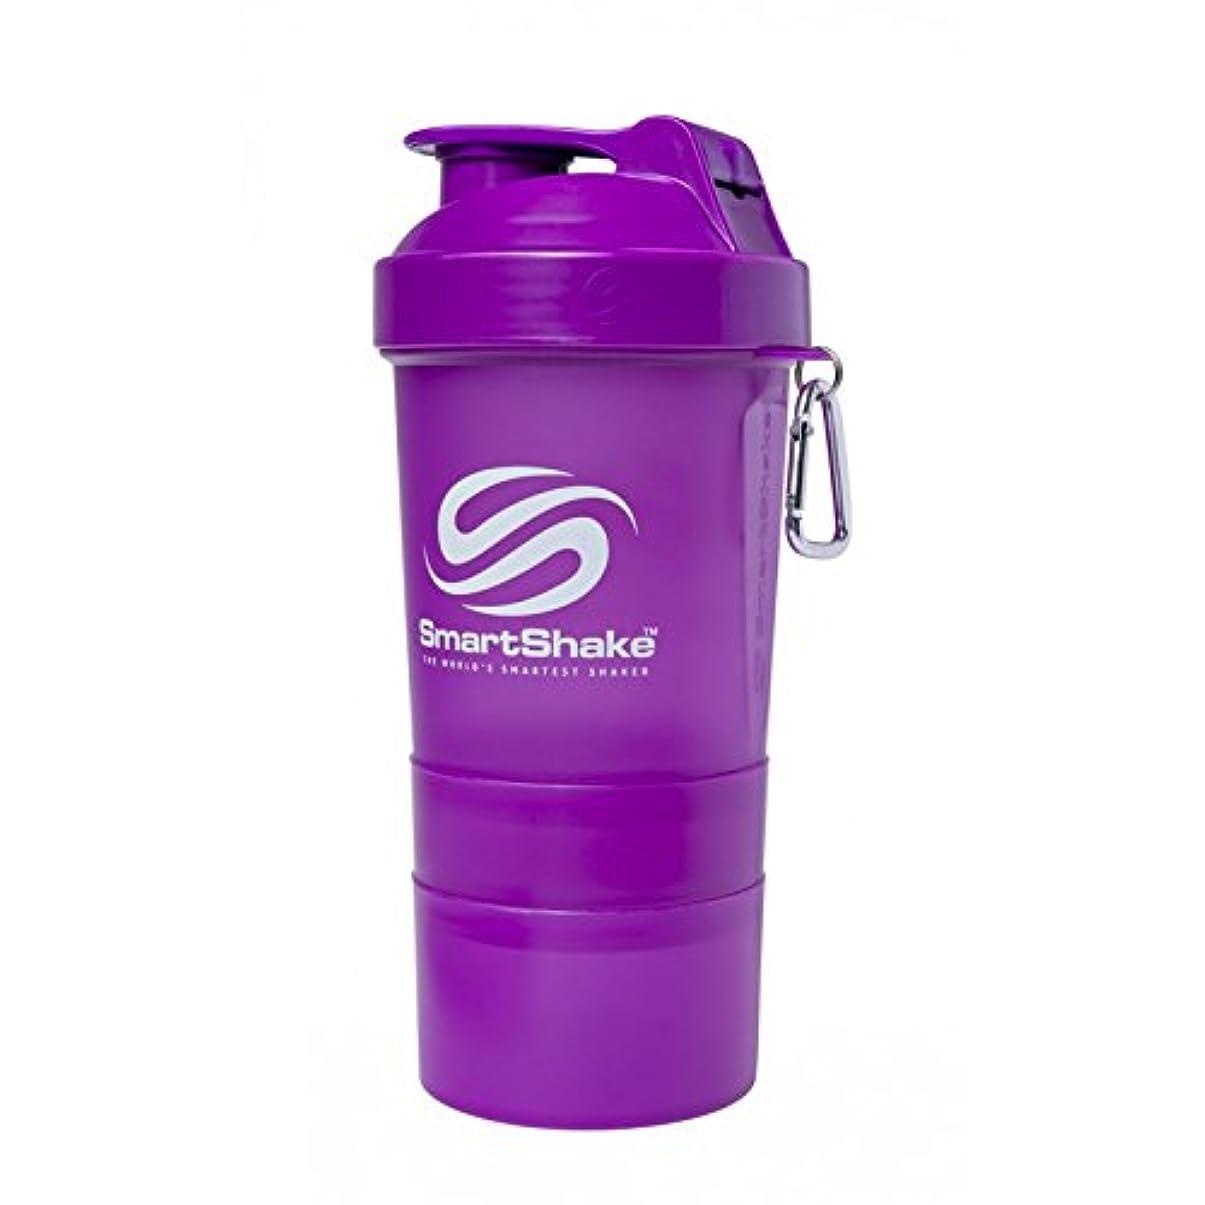 医療過誤電気大破SmartShake Original Shaker Cup, Neon Purple, 20 oz by smartshake